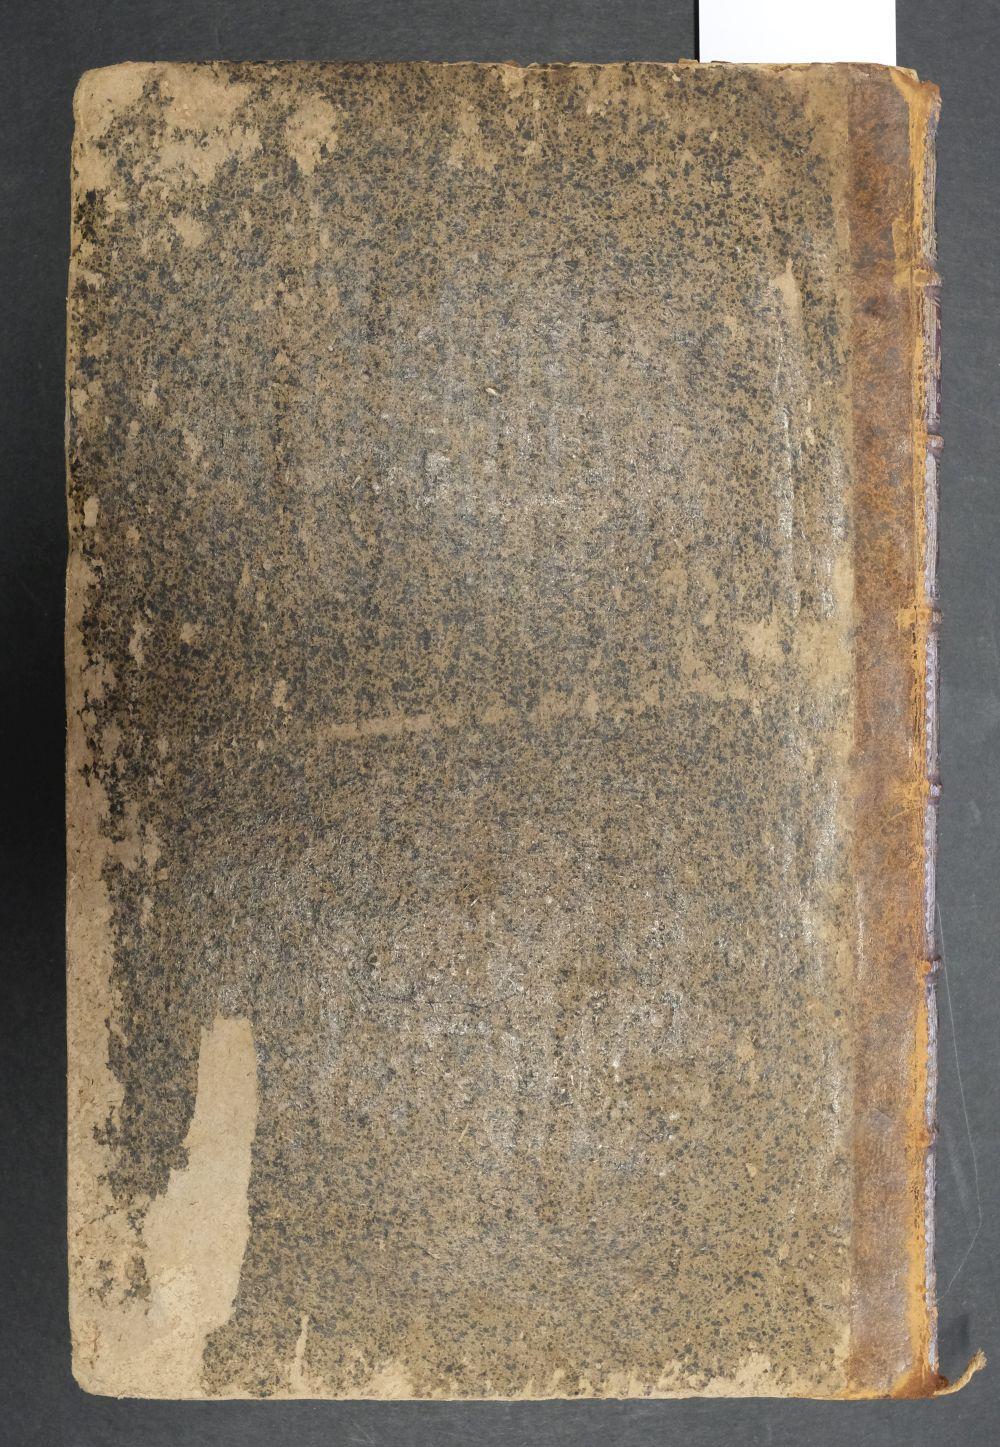 Natter (Johann Lorenz). Traite de la Methode Antique, 1754 - Image 4 of 7